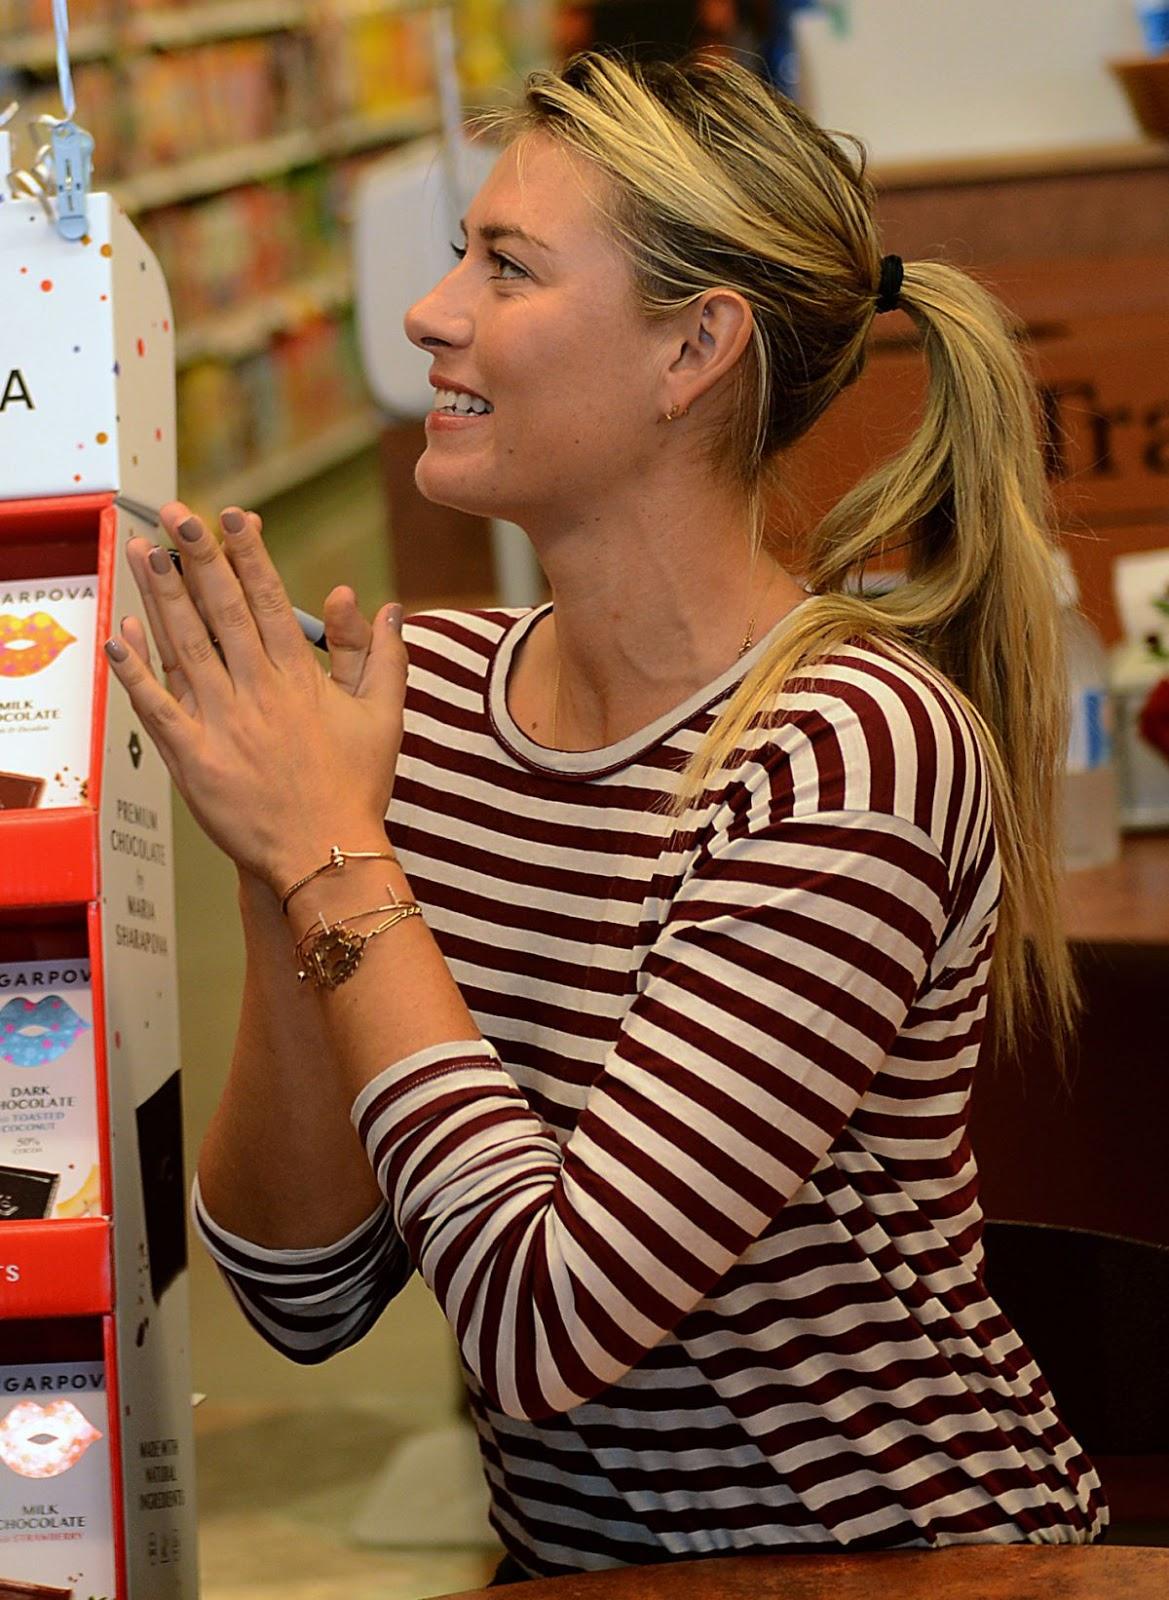 Maria Sharapova Promotes Her Sugarpova Candy in Franklin